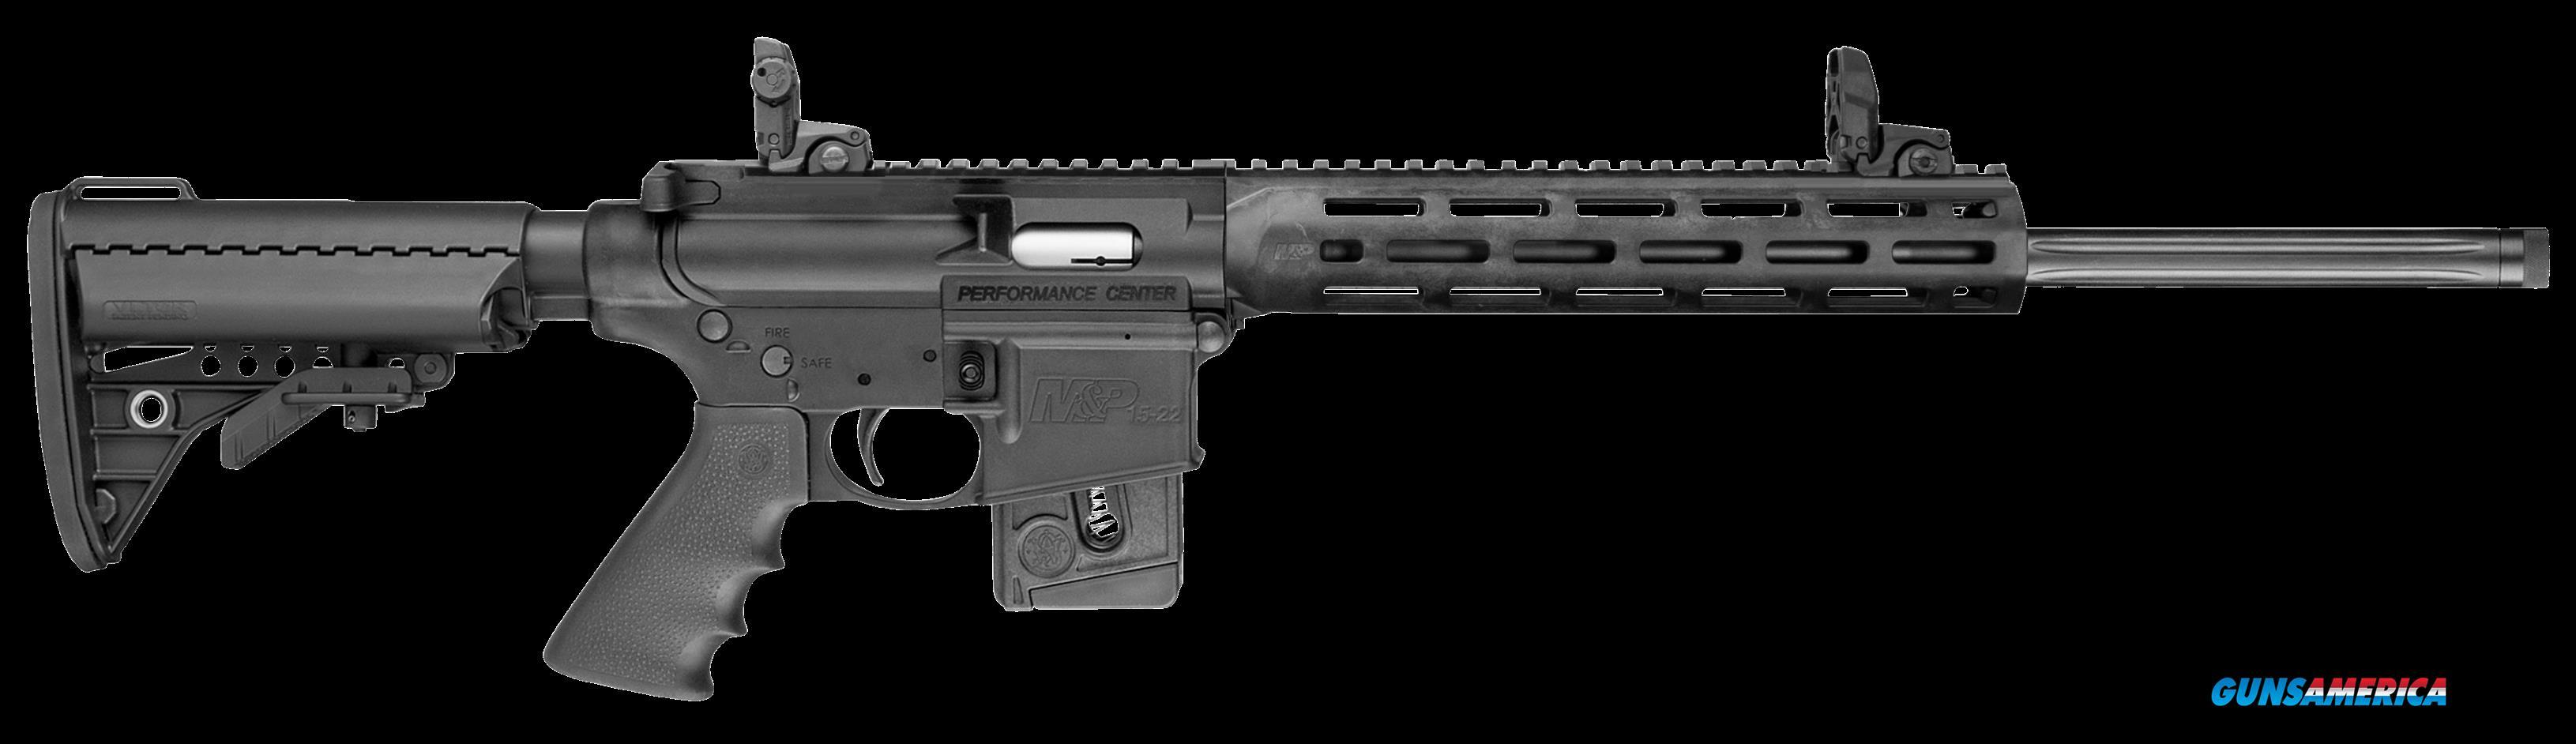 Smith & Wesson M&p15-22, Swl Mp1522spt  10205 Pc 22lr 18 Blk            10  Guns > Pistols > 1911 Pistol Copies (non-Colt)